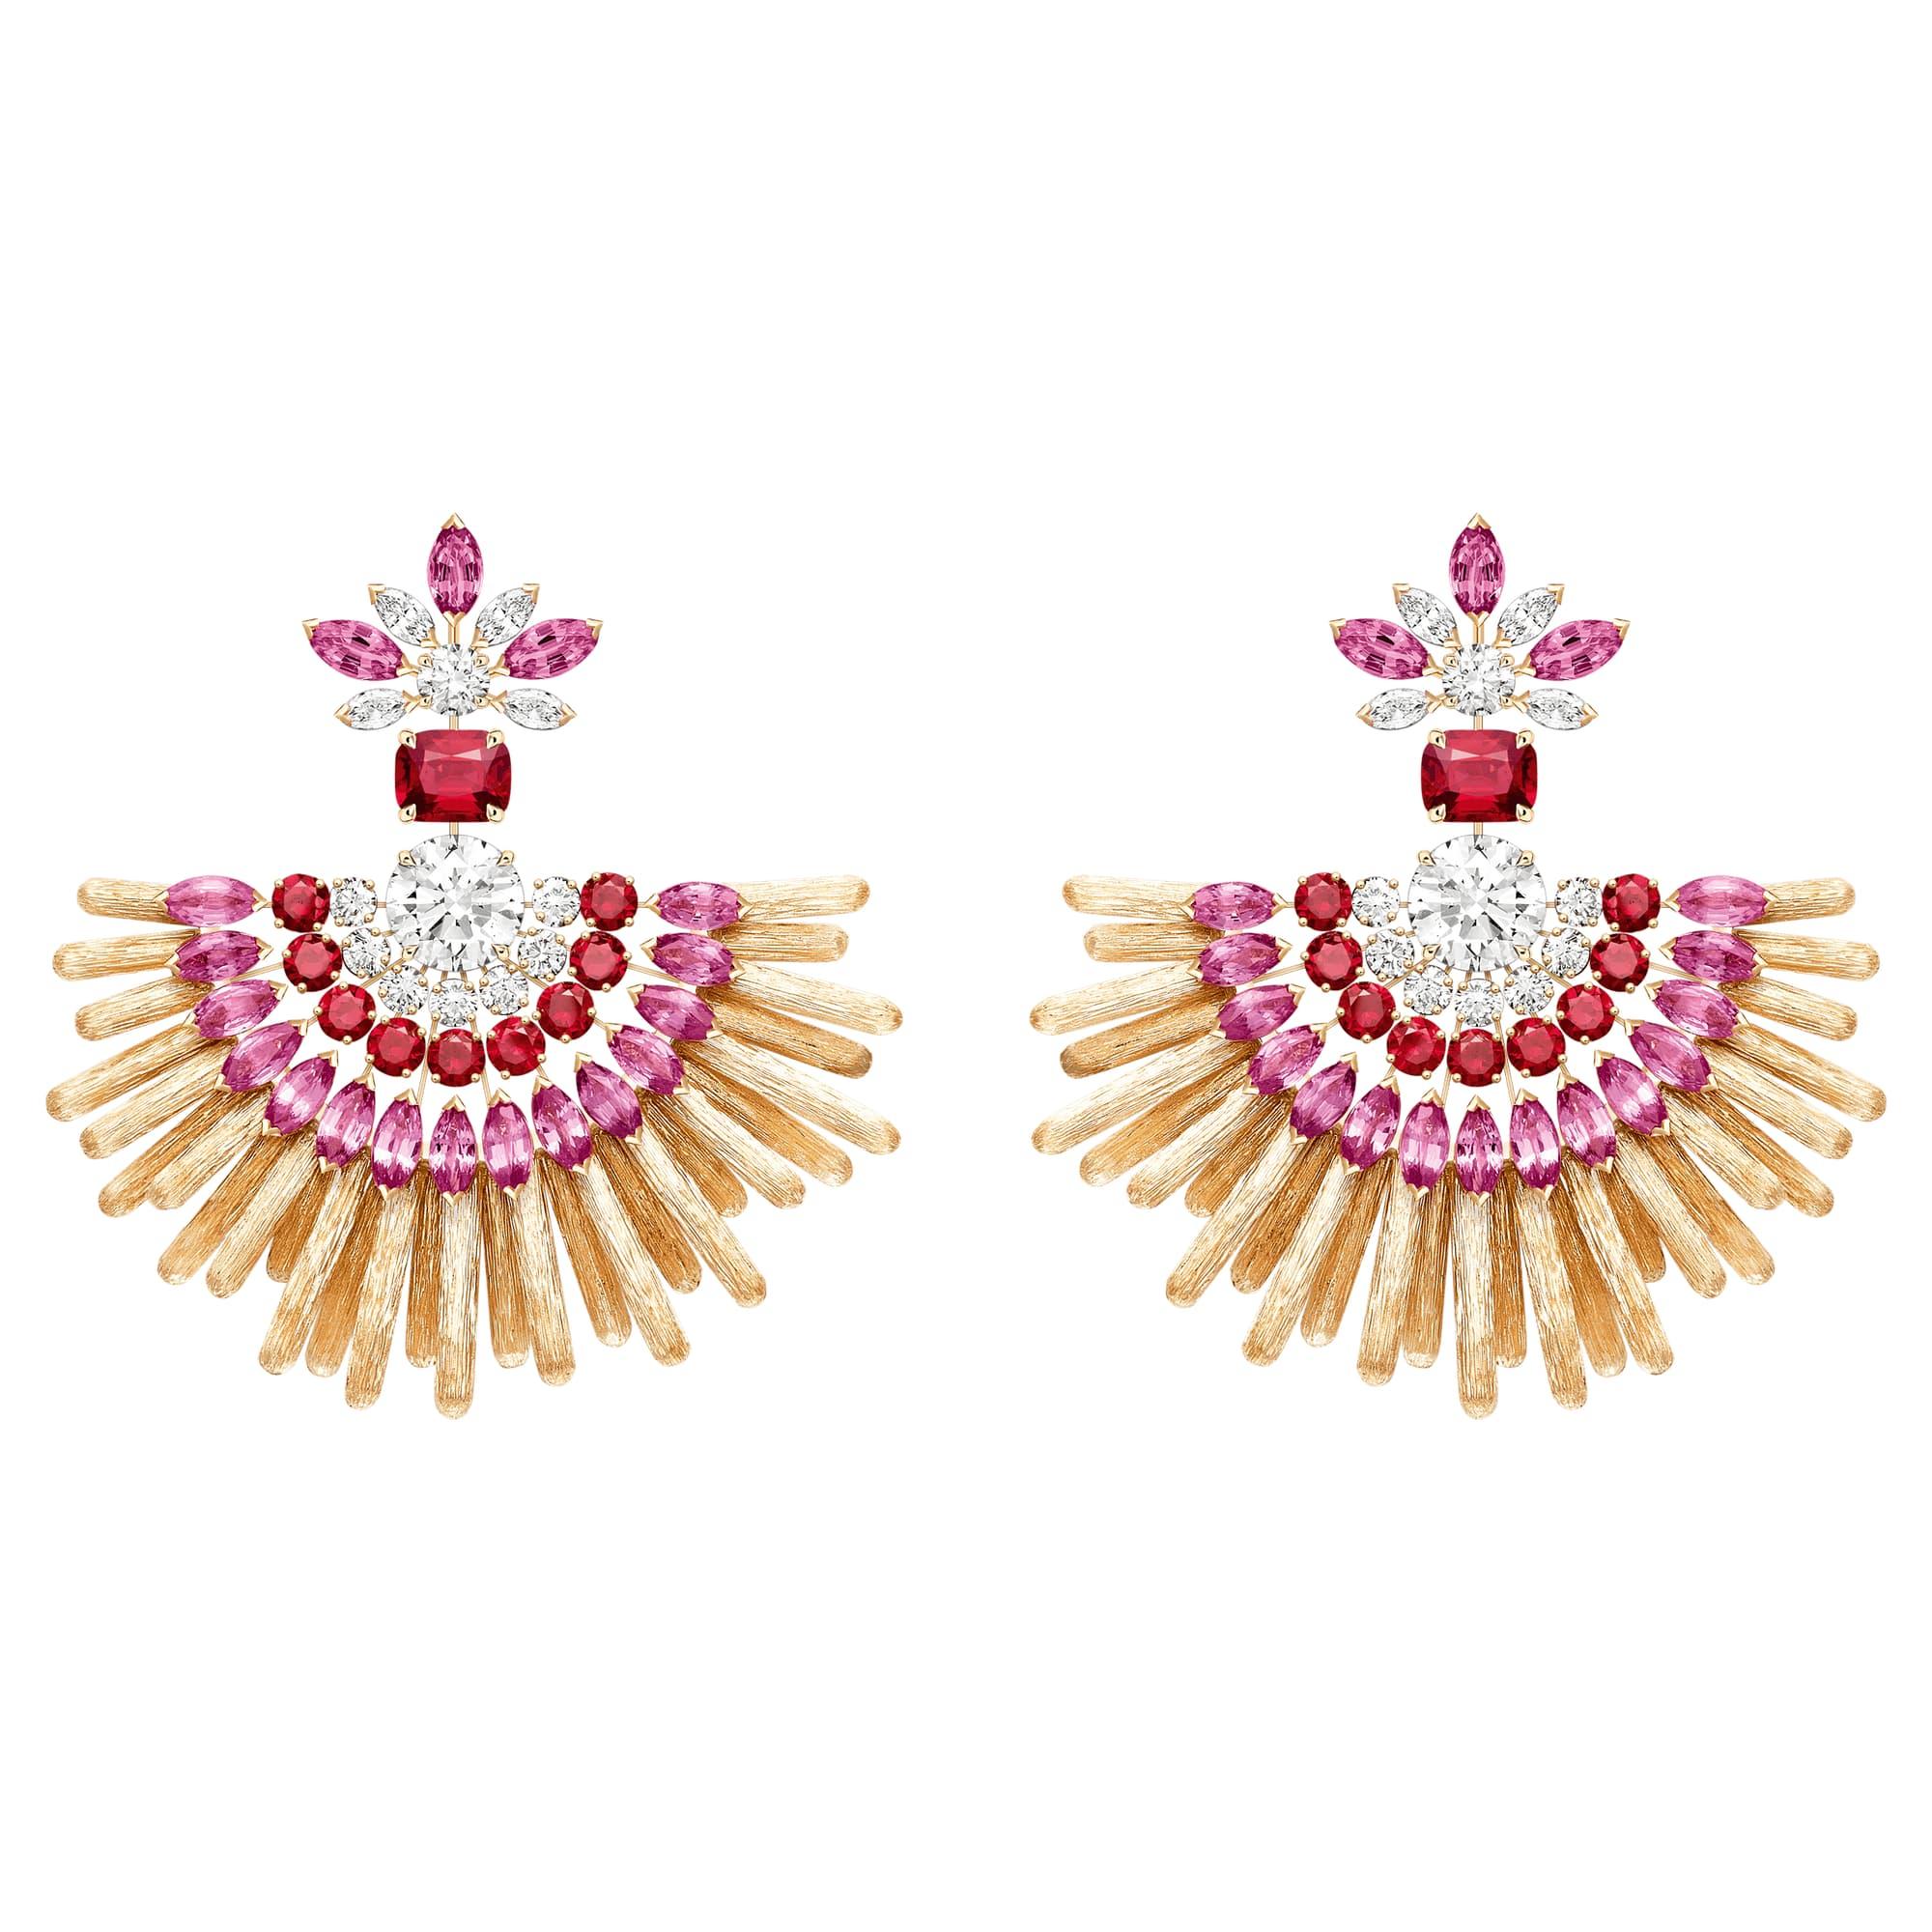 高级珠宝玫瑰金钻石耳环